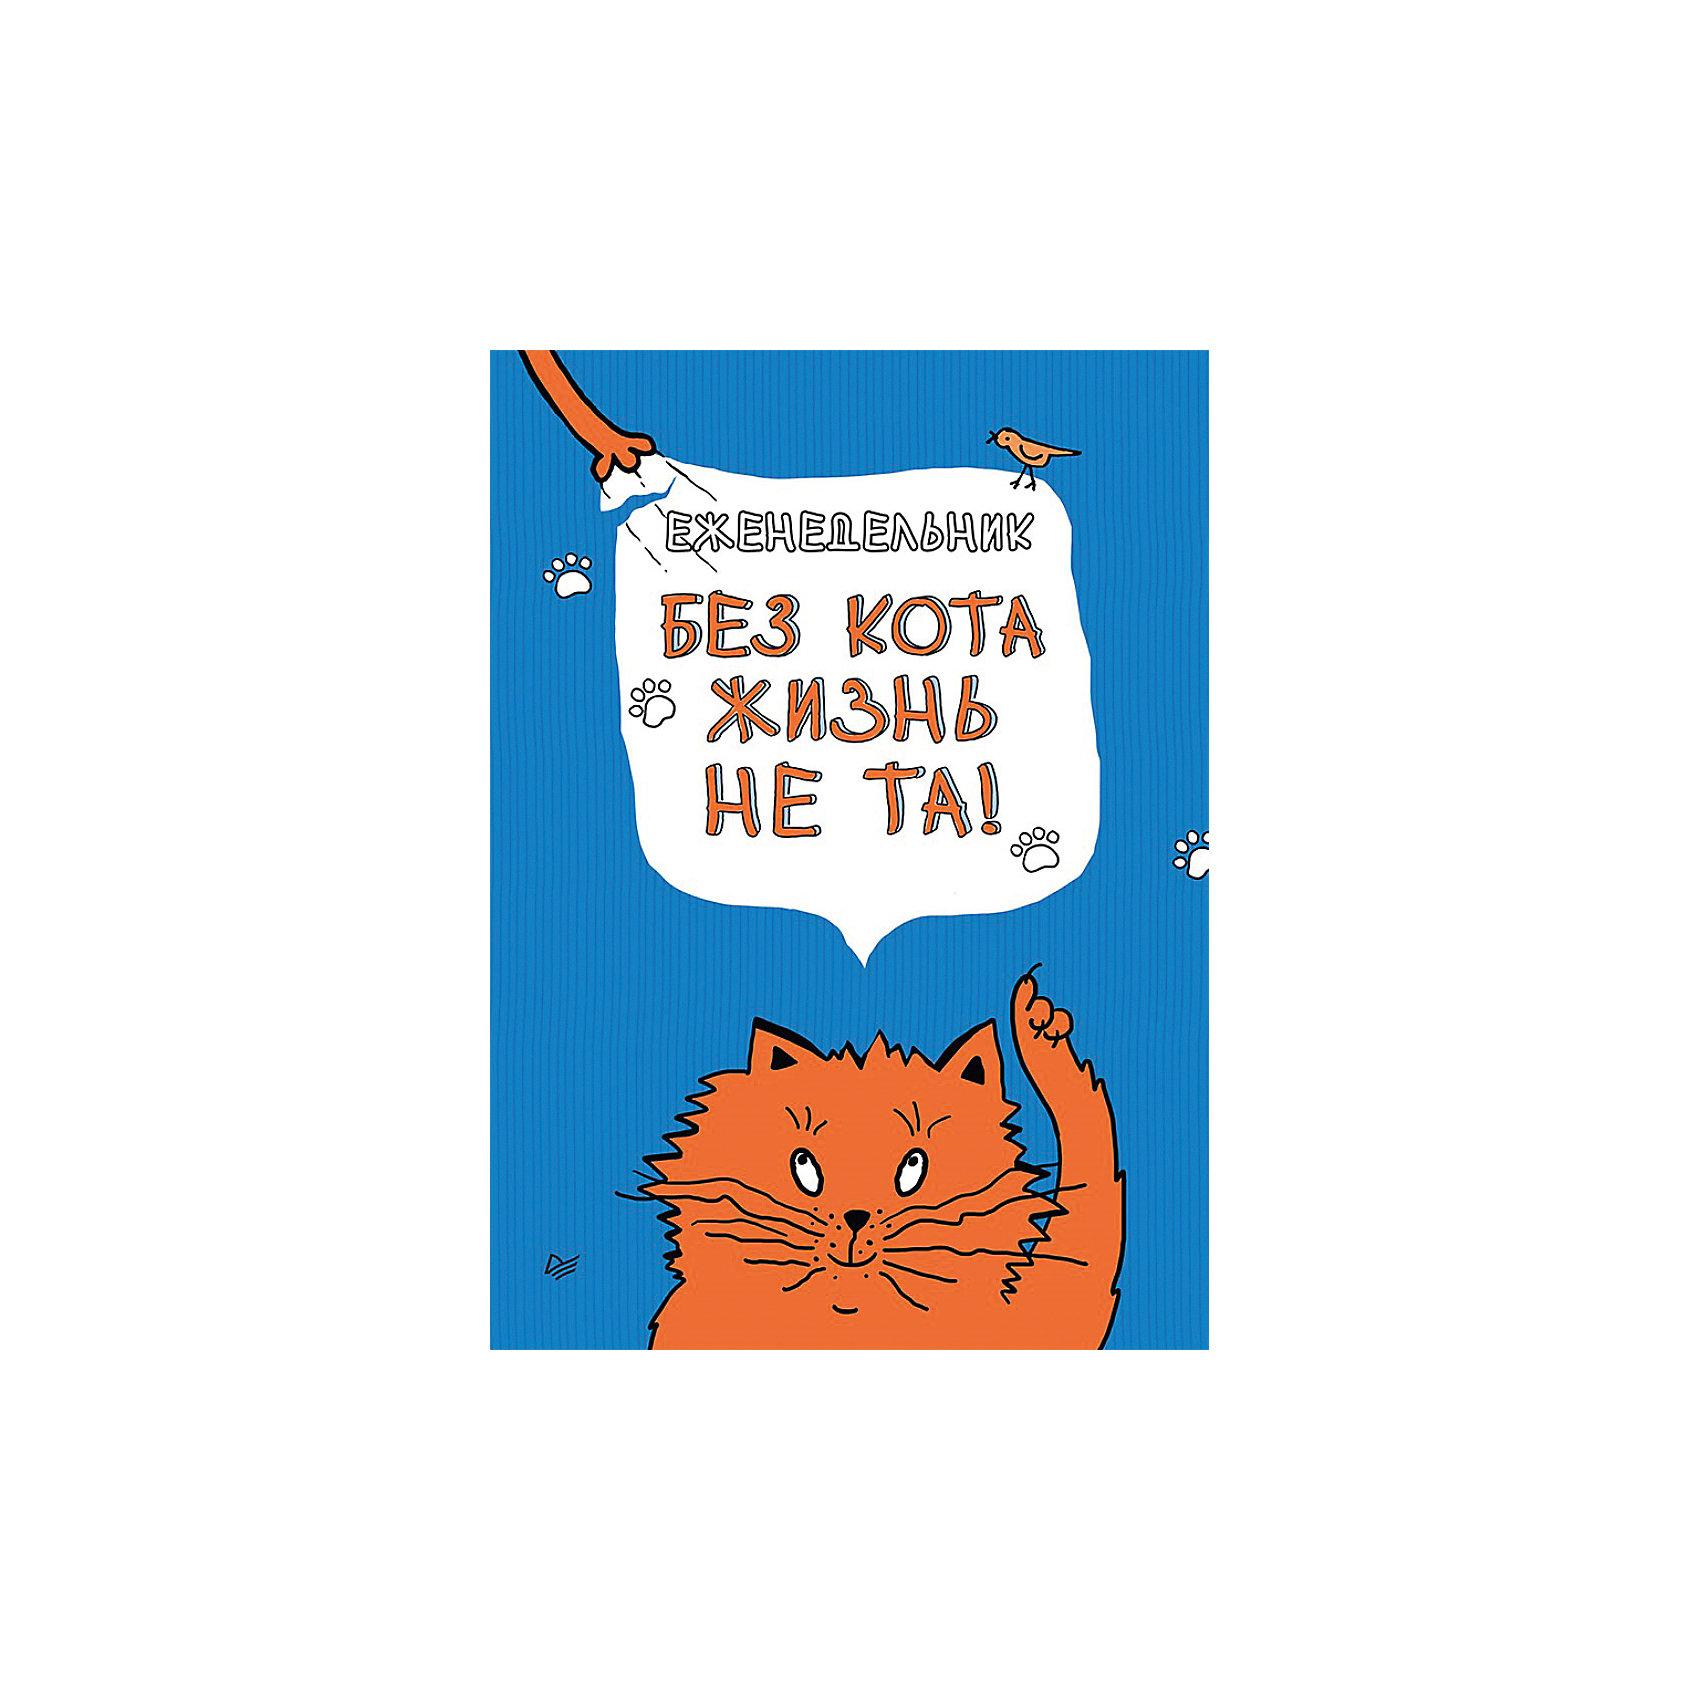 Еженедельник Без кота жизнь не та!ПИТЕР<br>Характеристики еженедельника Для очень важных совещаний:<br><br>• формат издания: 14.5х21.5 см (средний формат)<br>• количество страниц: 128<br>• год выпуска:2017<br>• издательство: Питер<br>• серия: Скетчбуки и арт-альбомы<br>• переплет: твердый переплет<br>• вес в упаковке:  245 г<br><br>В еженедельнике художницы Верой Рогожниковой каждую неделю вас ждут мудрые и поучительные мысли котов и кошек, а также забавные истории из их жизни. Они будут напоминать вам, как важно сохранять бодрое расположение духа и смотреть в грядущее исключительно с удовольствием!<br><br>Еженедельник Для очень важных совещаний издательства Питер  можно купить в нашем интернет-магазине.<br><br>Ширина мм: 213<br>Глубина мм: 147<br>Высота мм: 110<br>Вес г: 245<br>Возраст от месяцев: 144<br>Возраст до месяцев: 2147483647<br>Пол: Унисекс<br>Возраст: Детский<br>SKU: 5480501